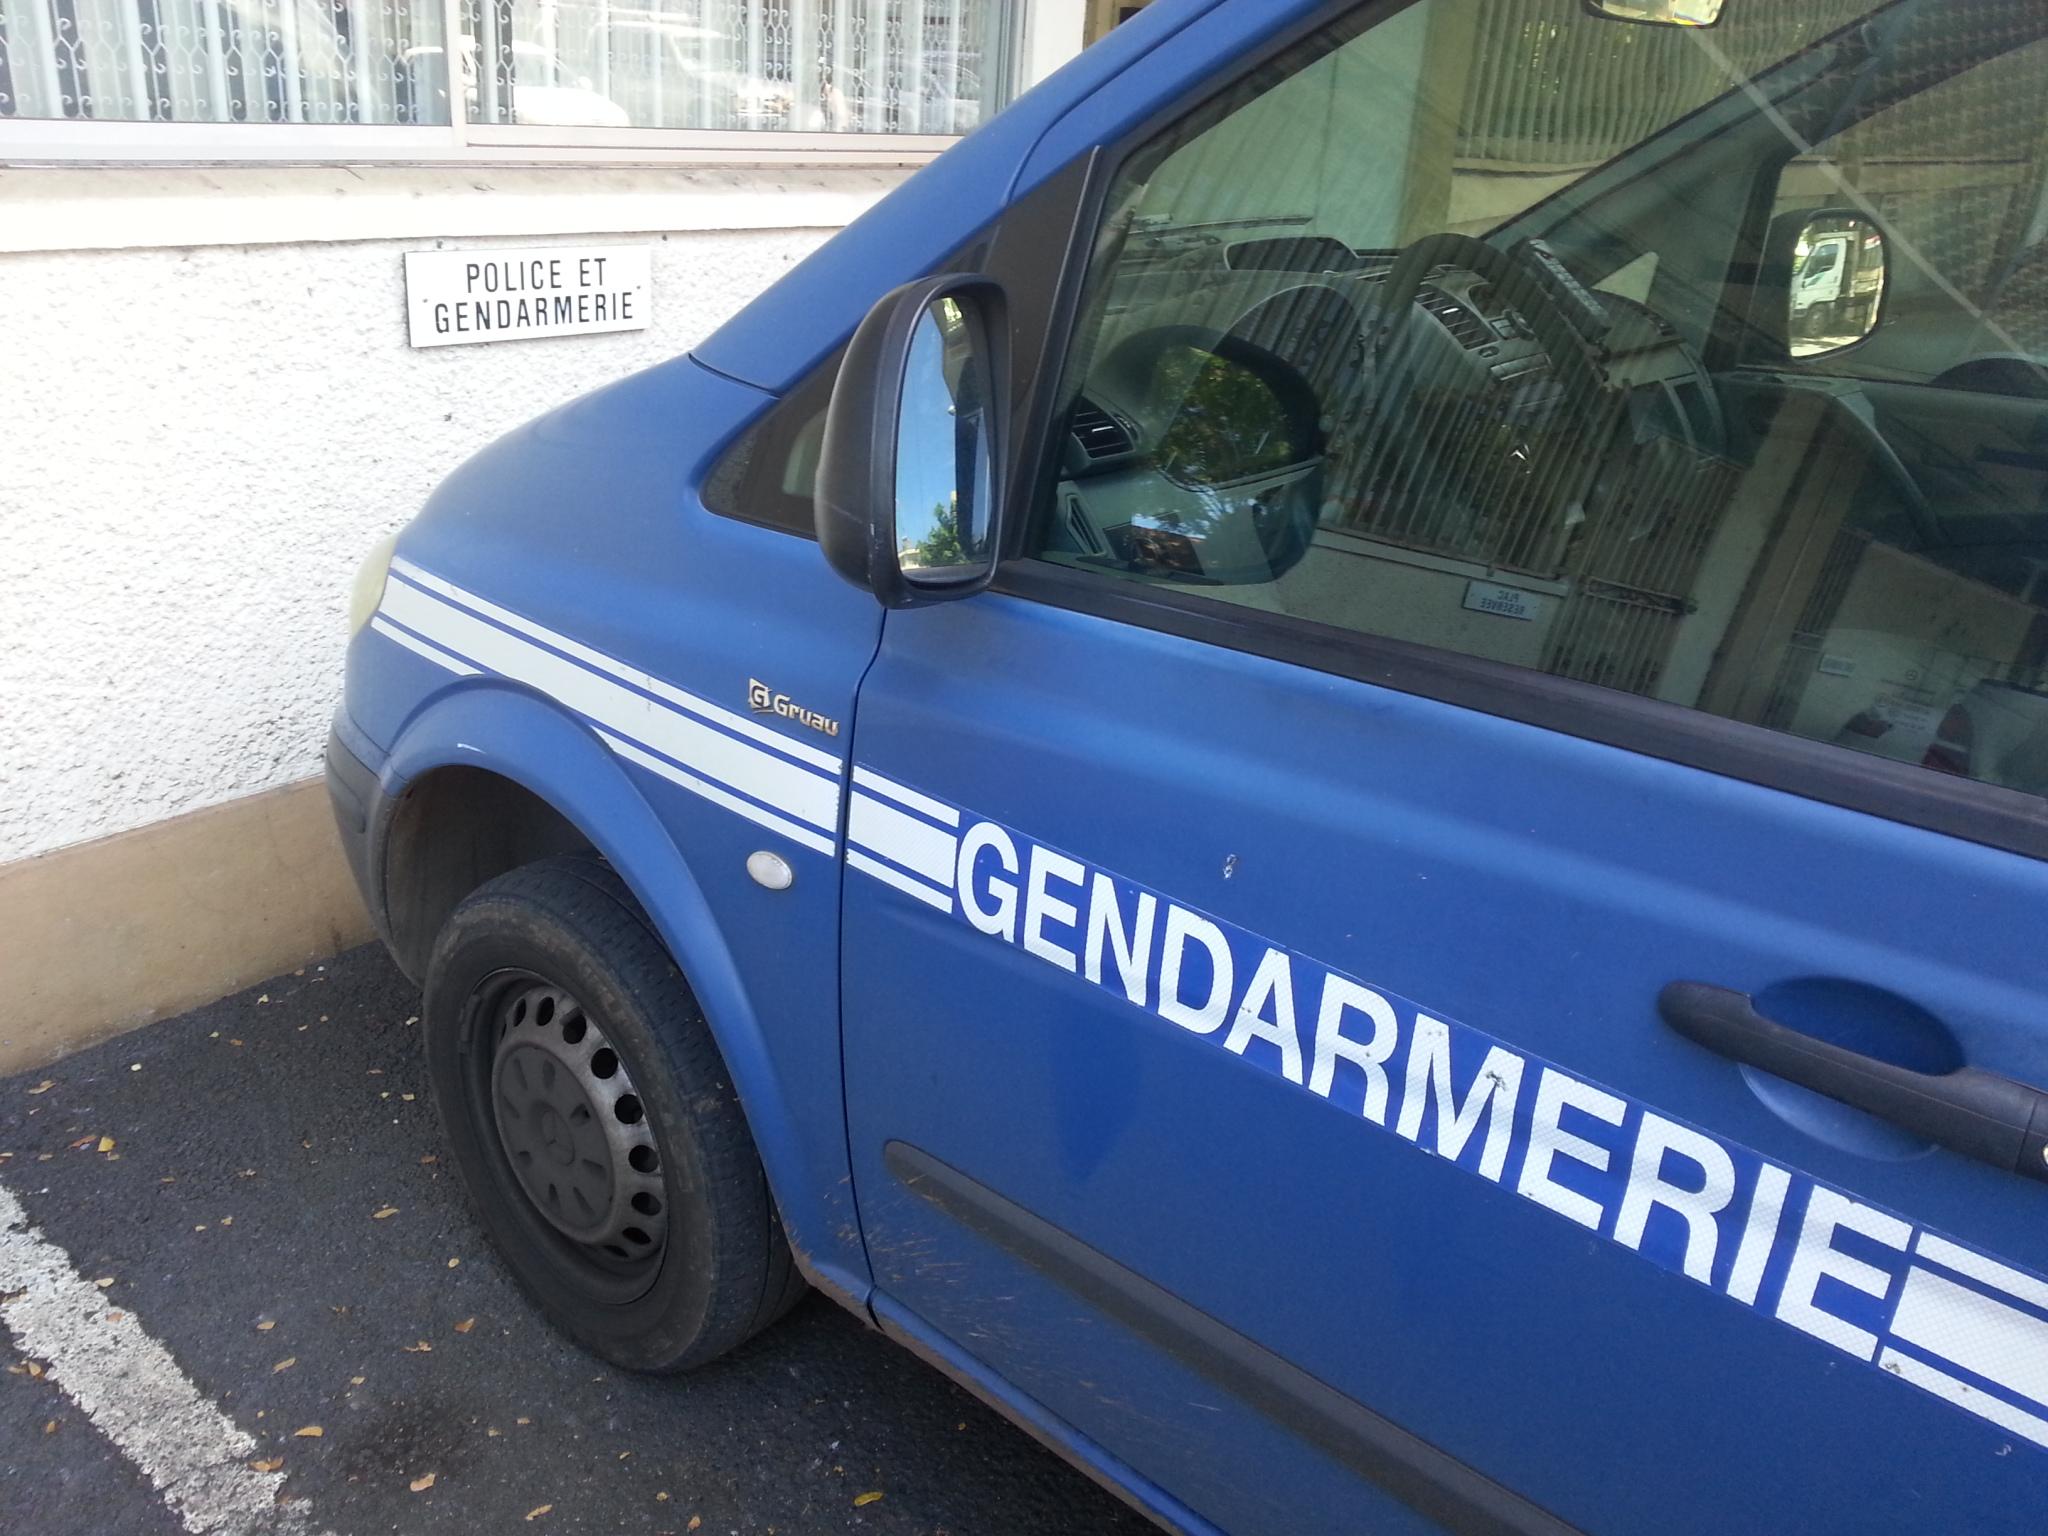 Altercation mortelle à Faaone : le jeune mis en cause libre sous contrôle judiciaire